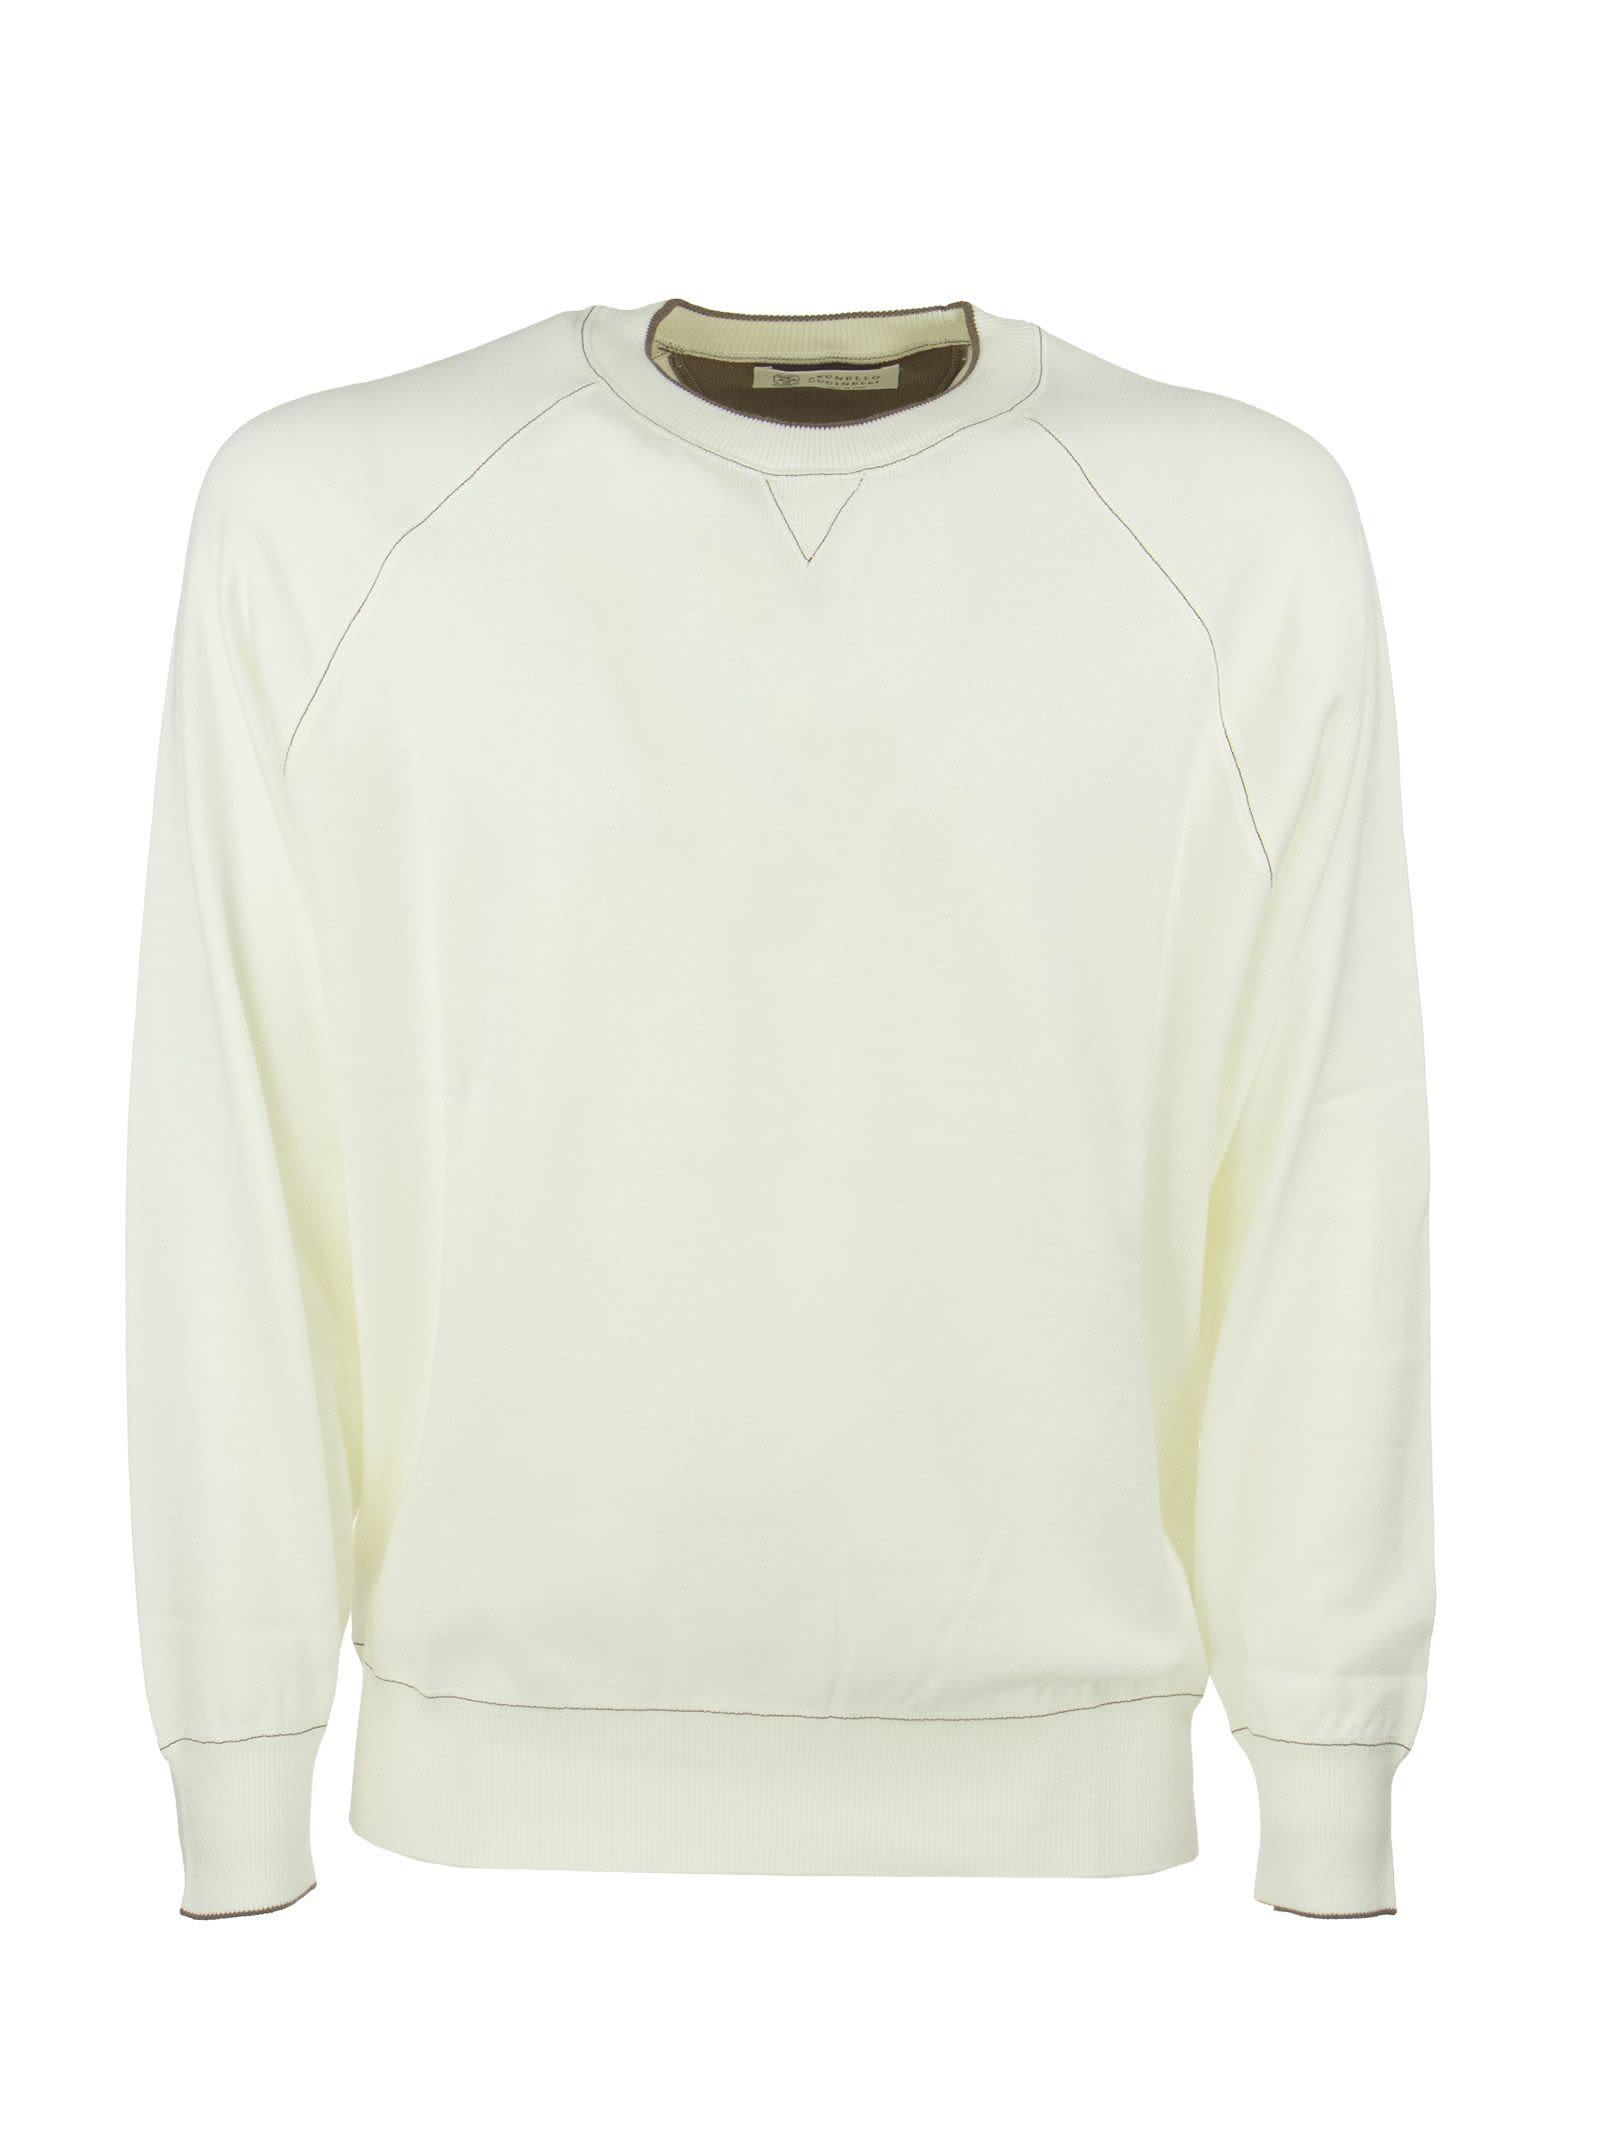 Brunello Cucinelli Cotton Lightweight Sweater